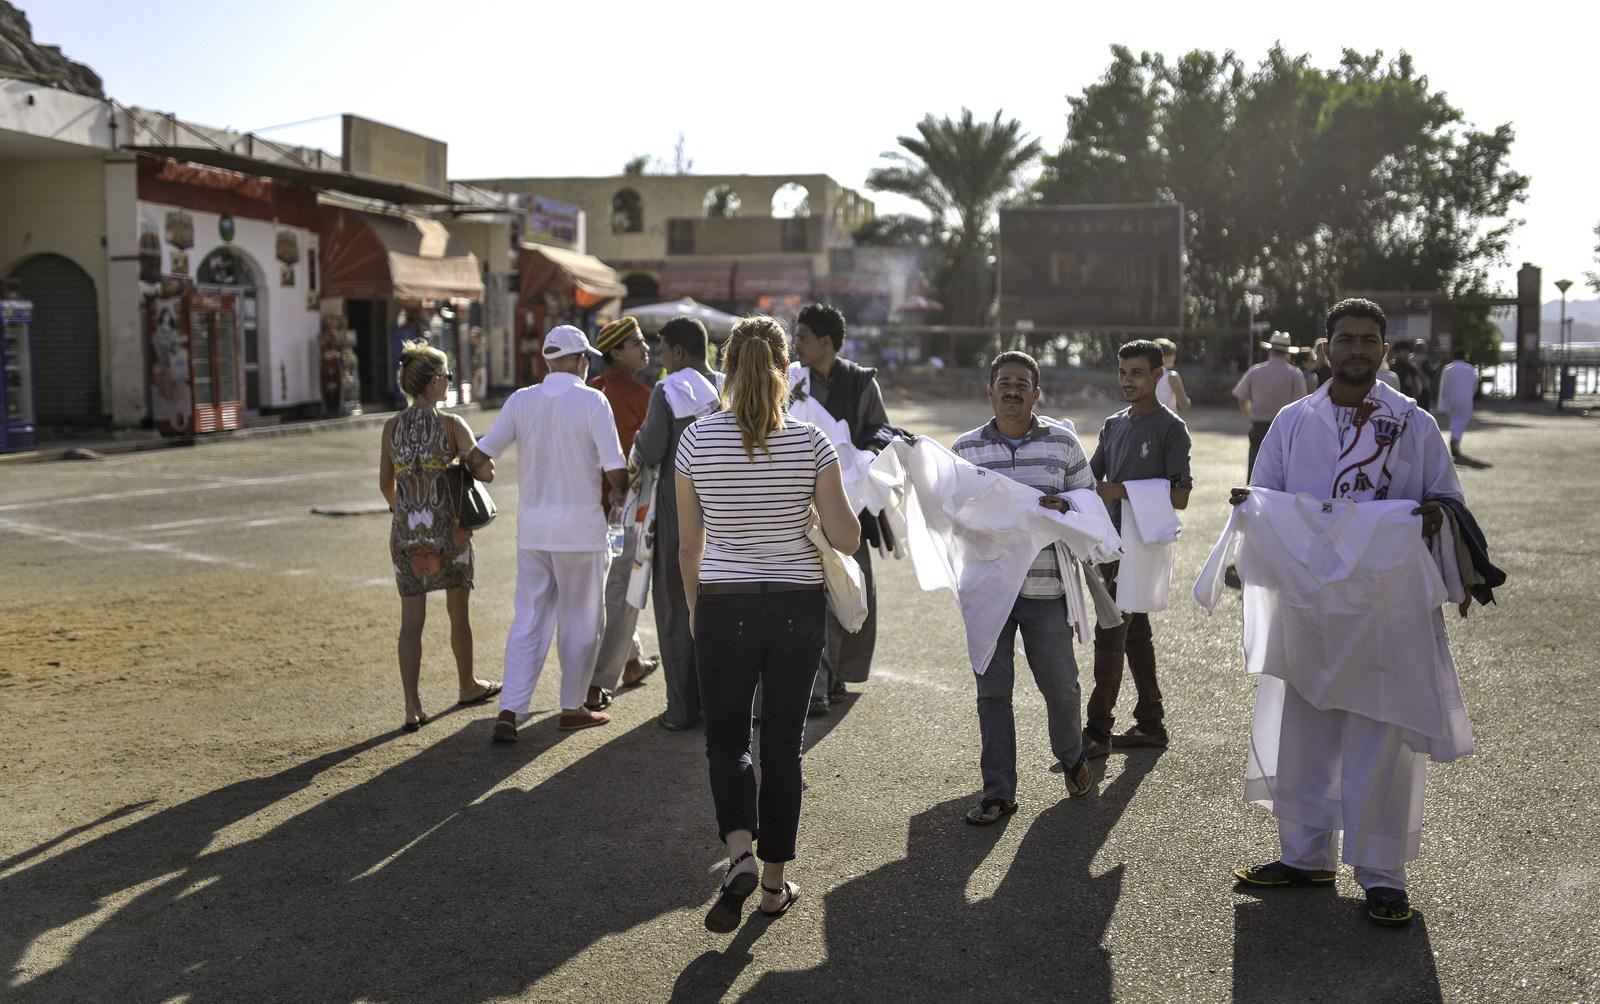 Vendeurs de souvenirs en Egypte Assouan